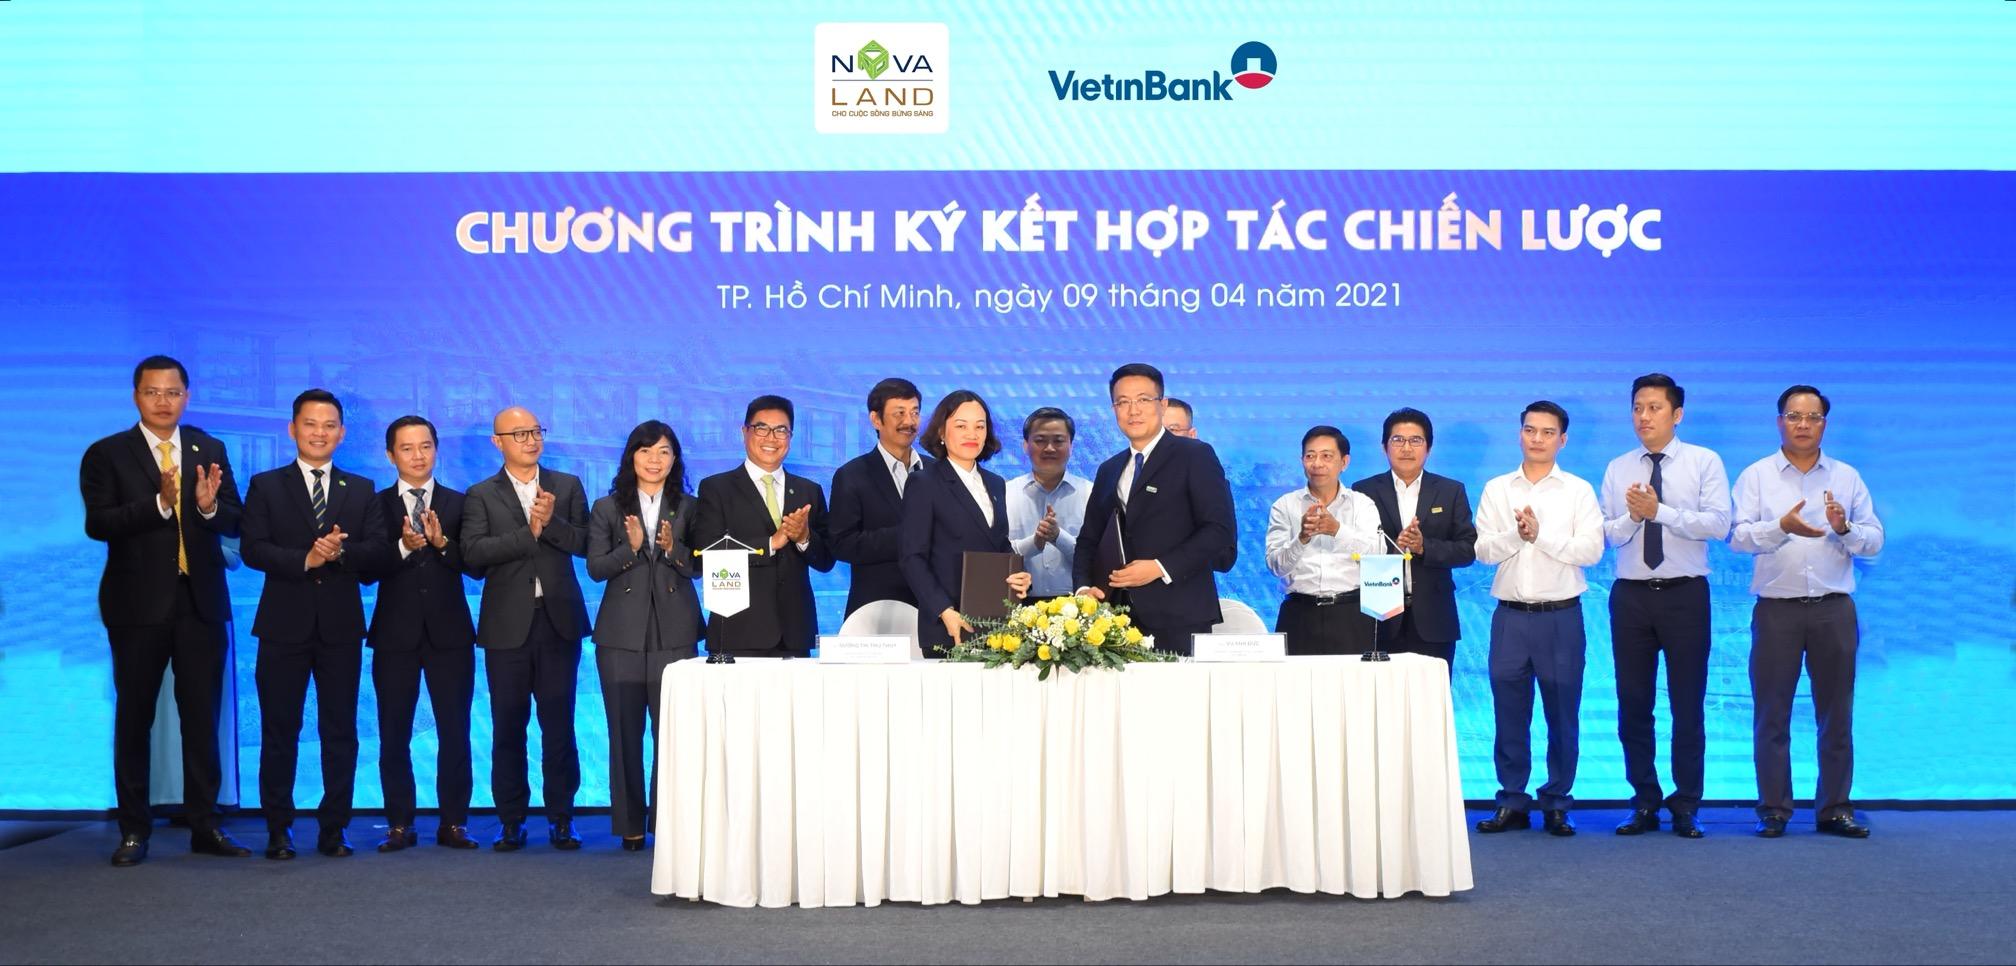 Sự kiện ký kết hợp tác chiến lượcđược xem là một động lực tiếp đà phát triển mạnh mẽ cho cả Novaland, Vietinbank và toàn thị trường bất động sản. Ảnh: Novaland.